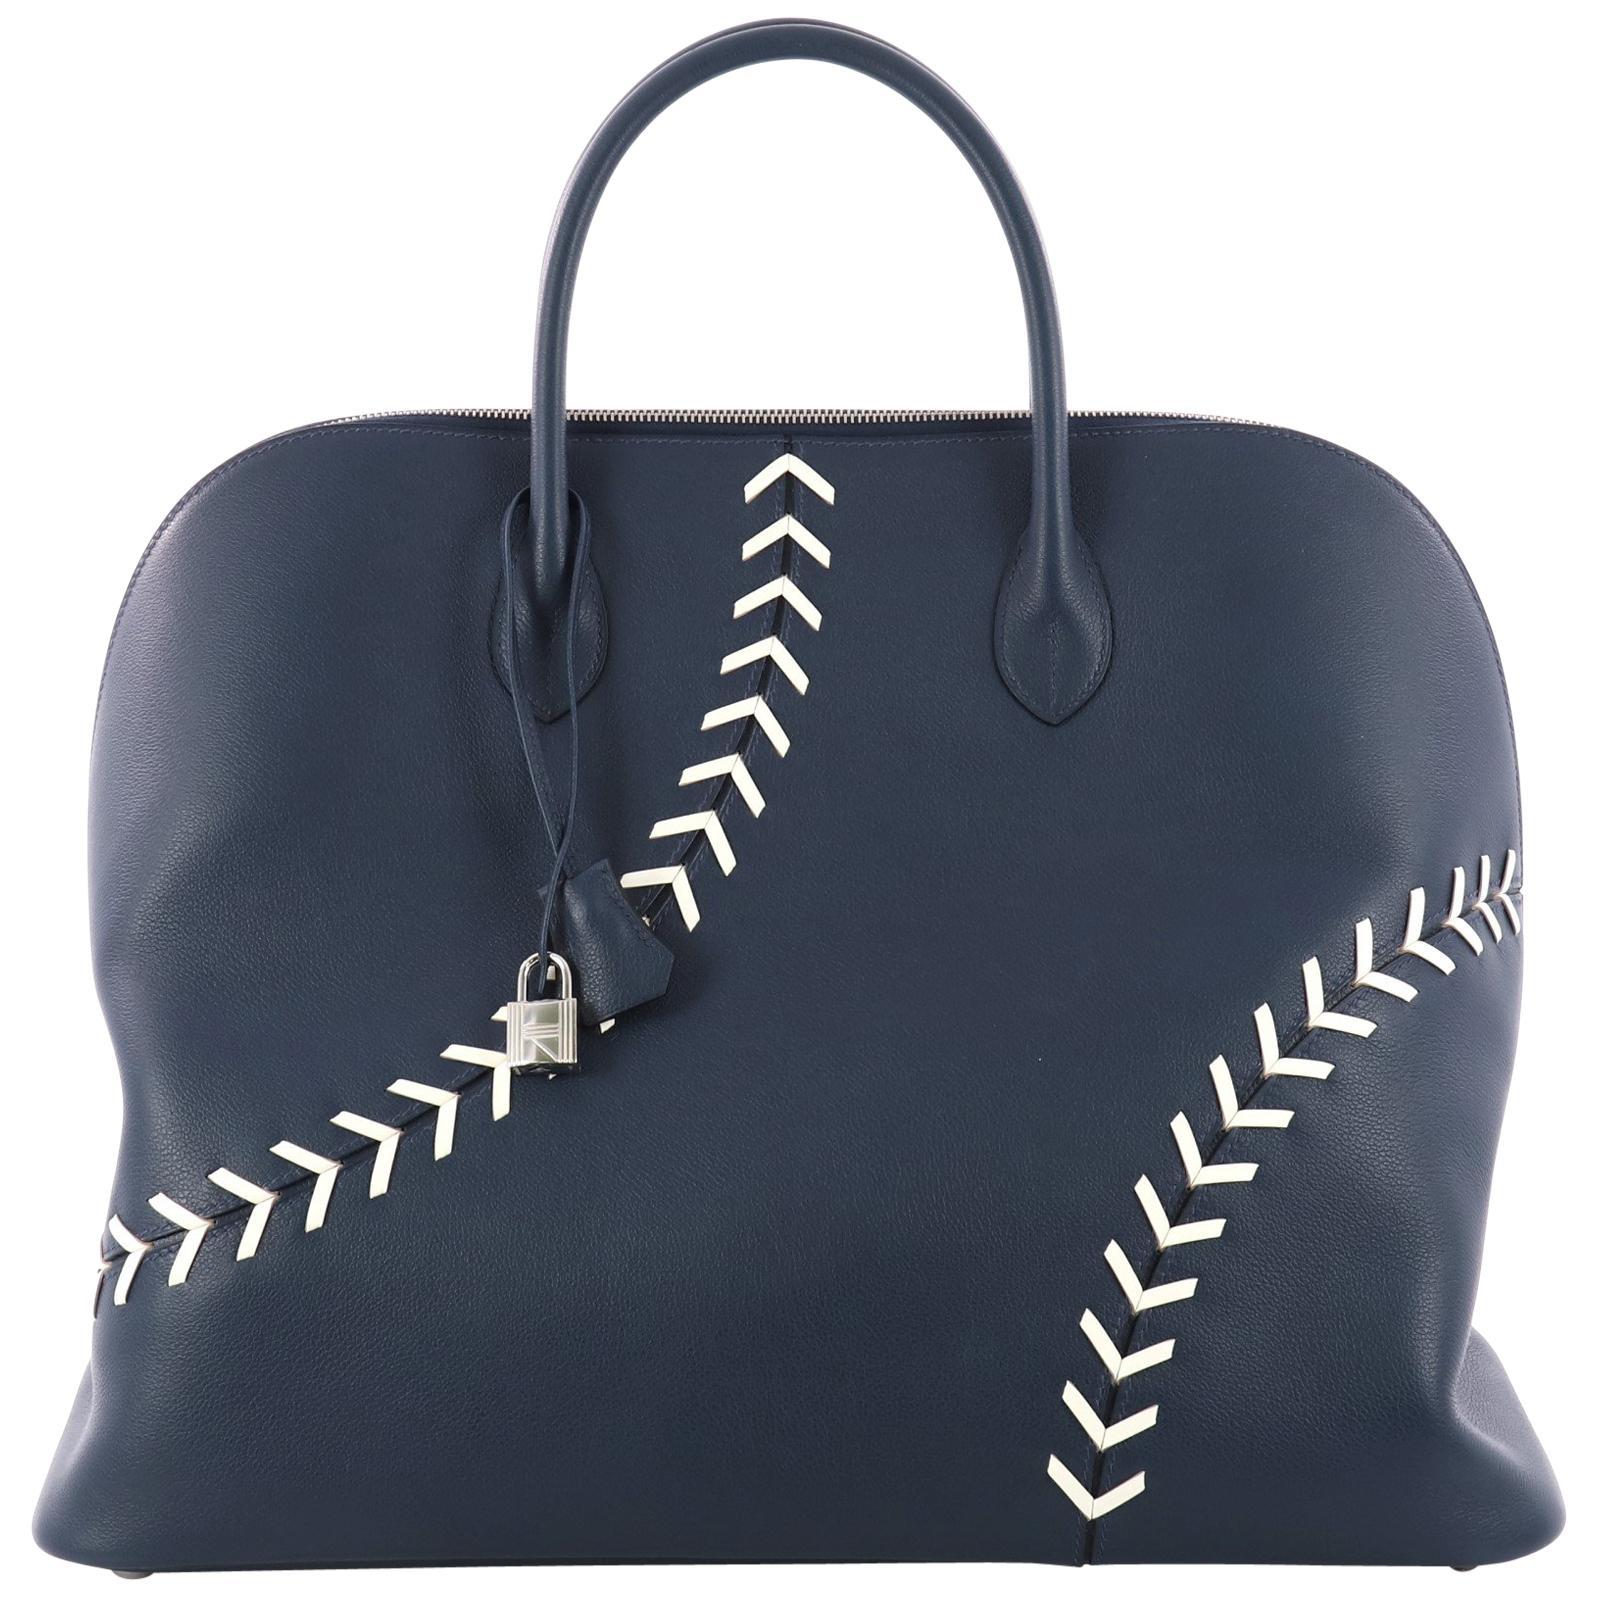 01e80745df low price hermes baseball bolide handbag evercolor 45 for sale c9f0e f6a04